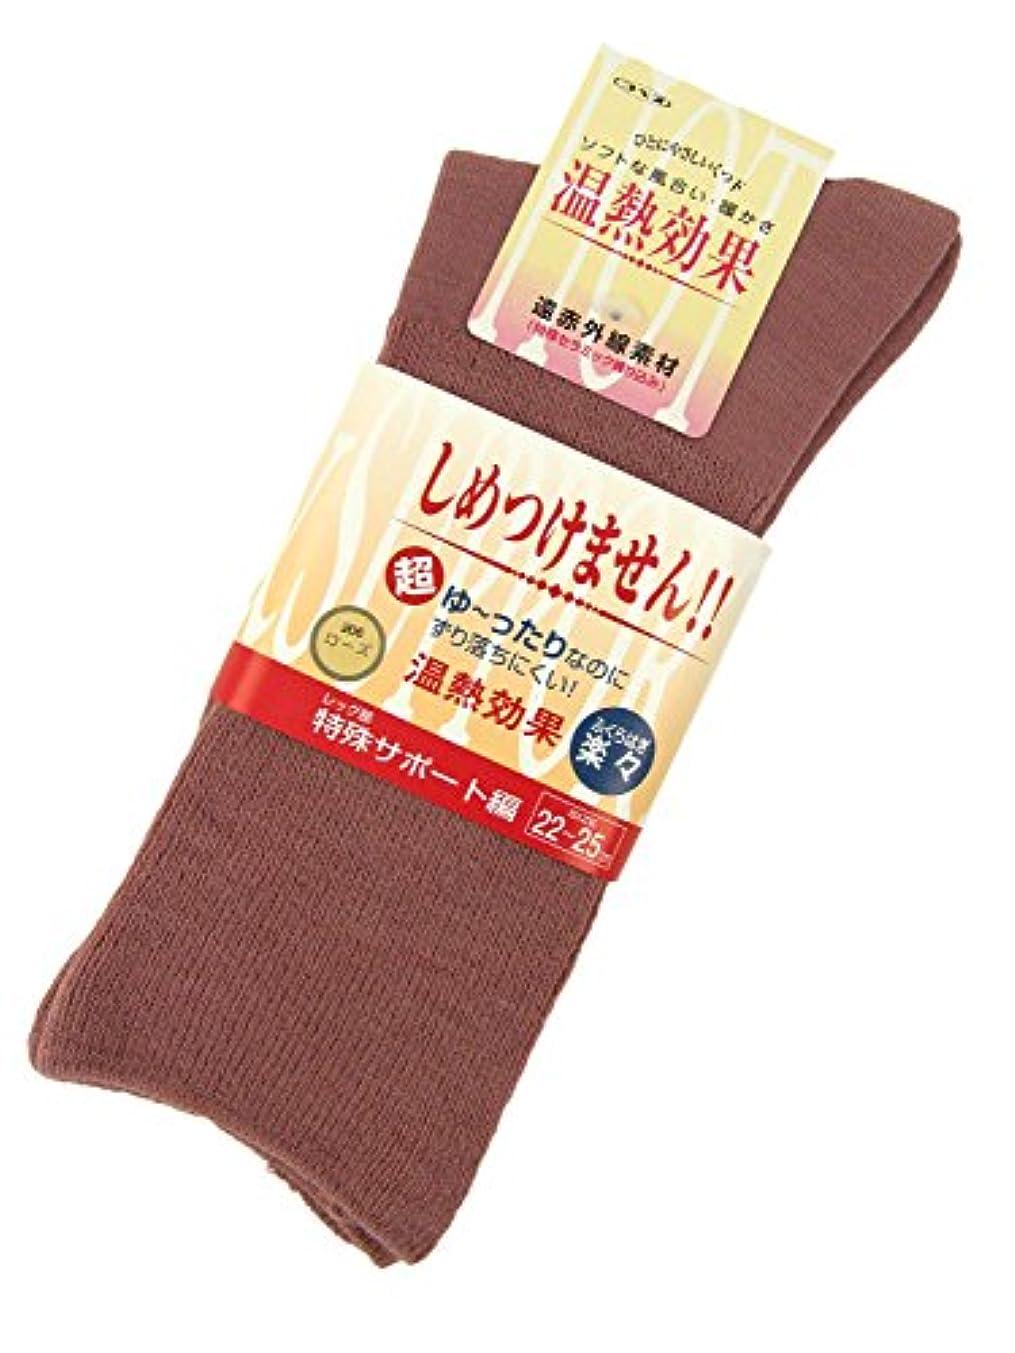 ドット手綱ステープル神戸生絲 ふくらはぎ楽らくソックス 婦人 秋冬用 ローズ 3900 ローズ